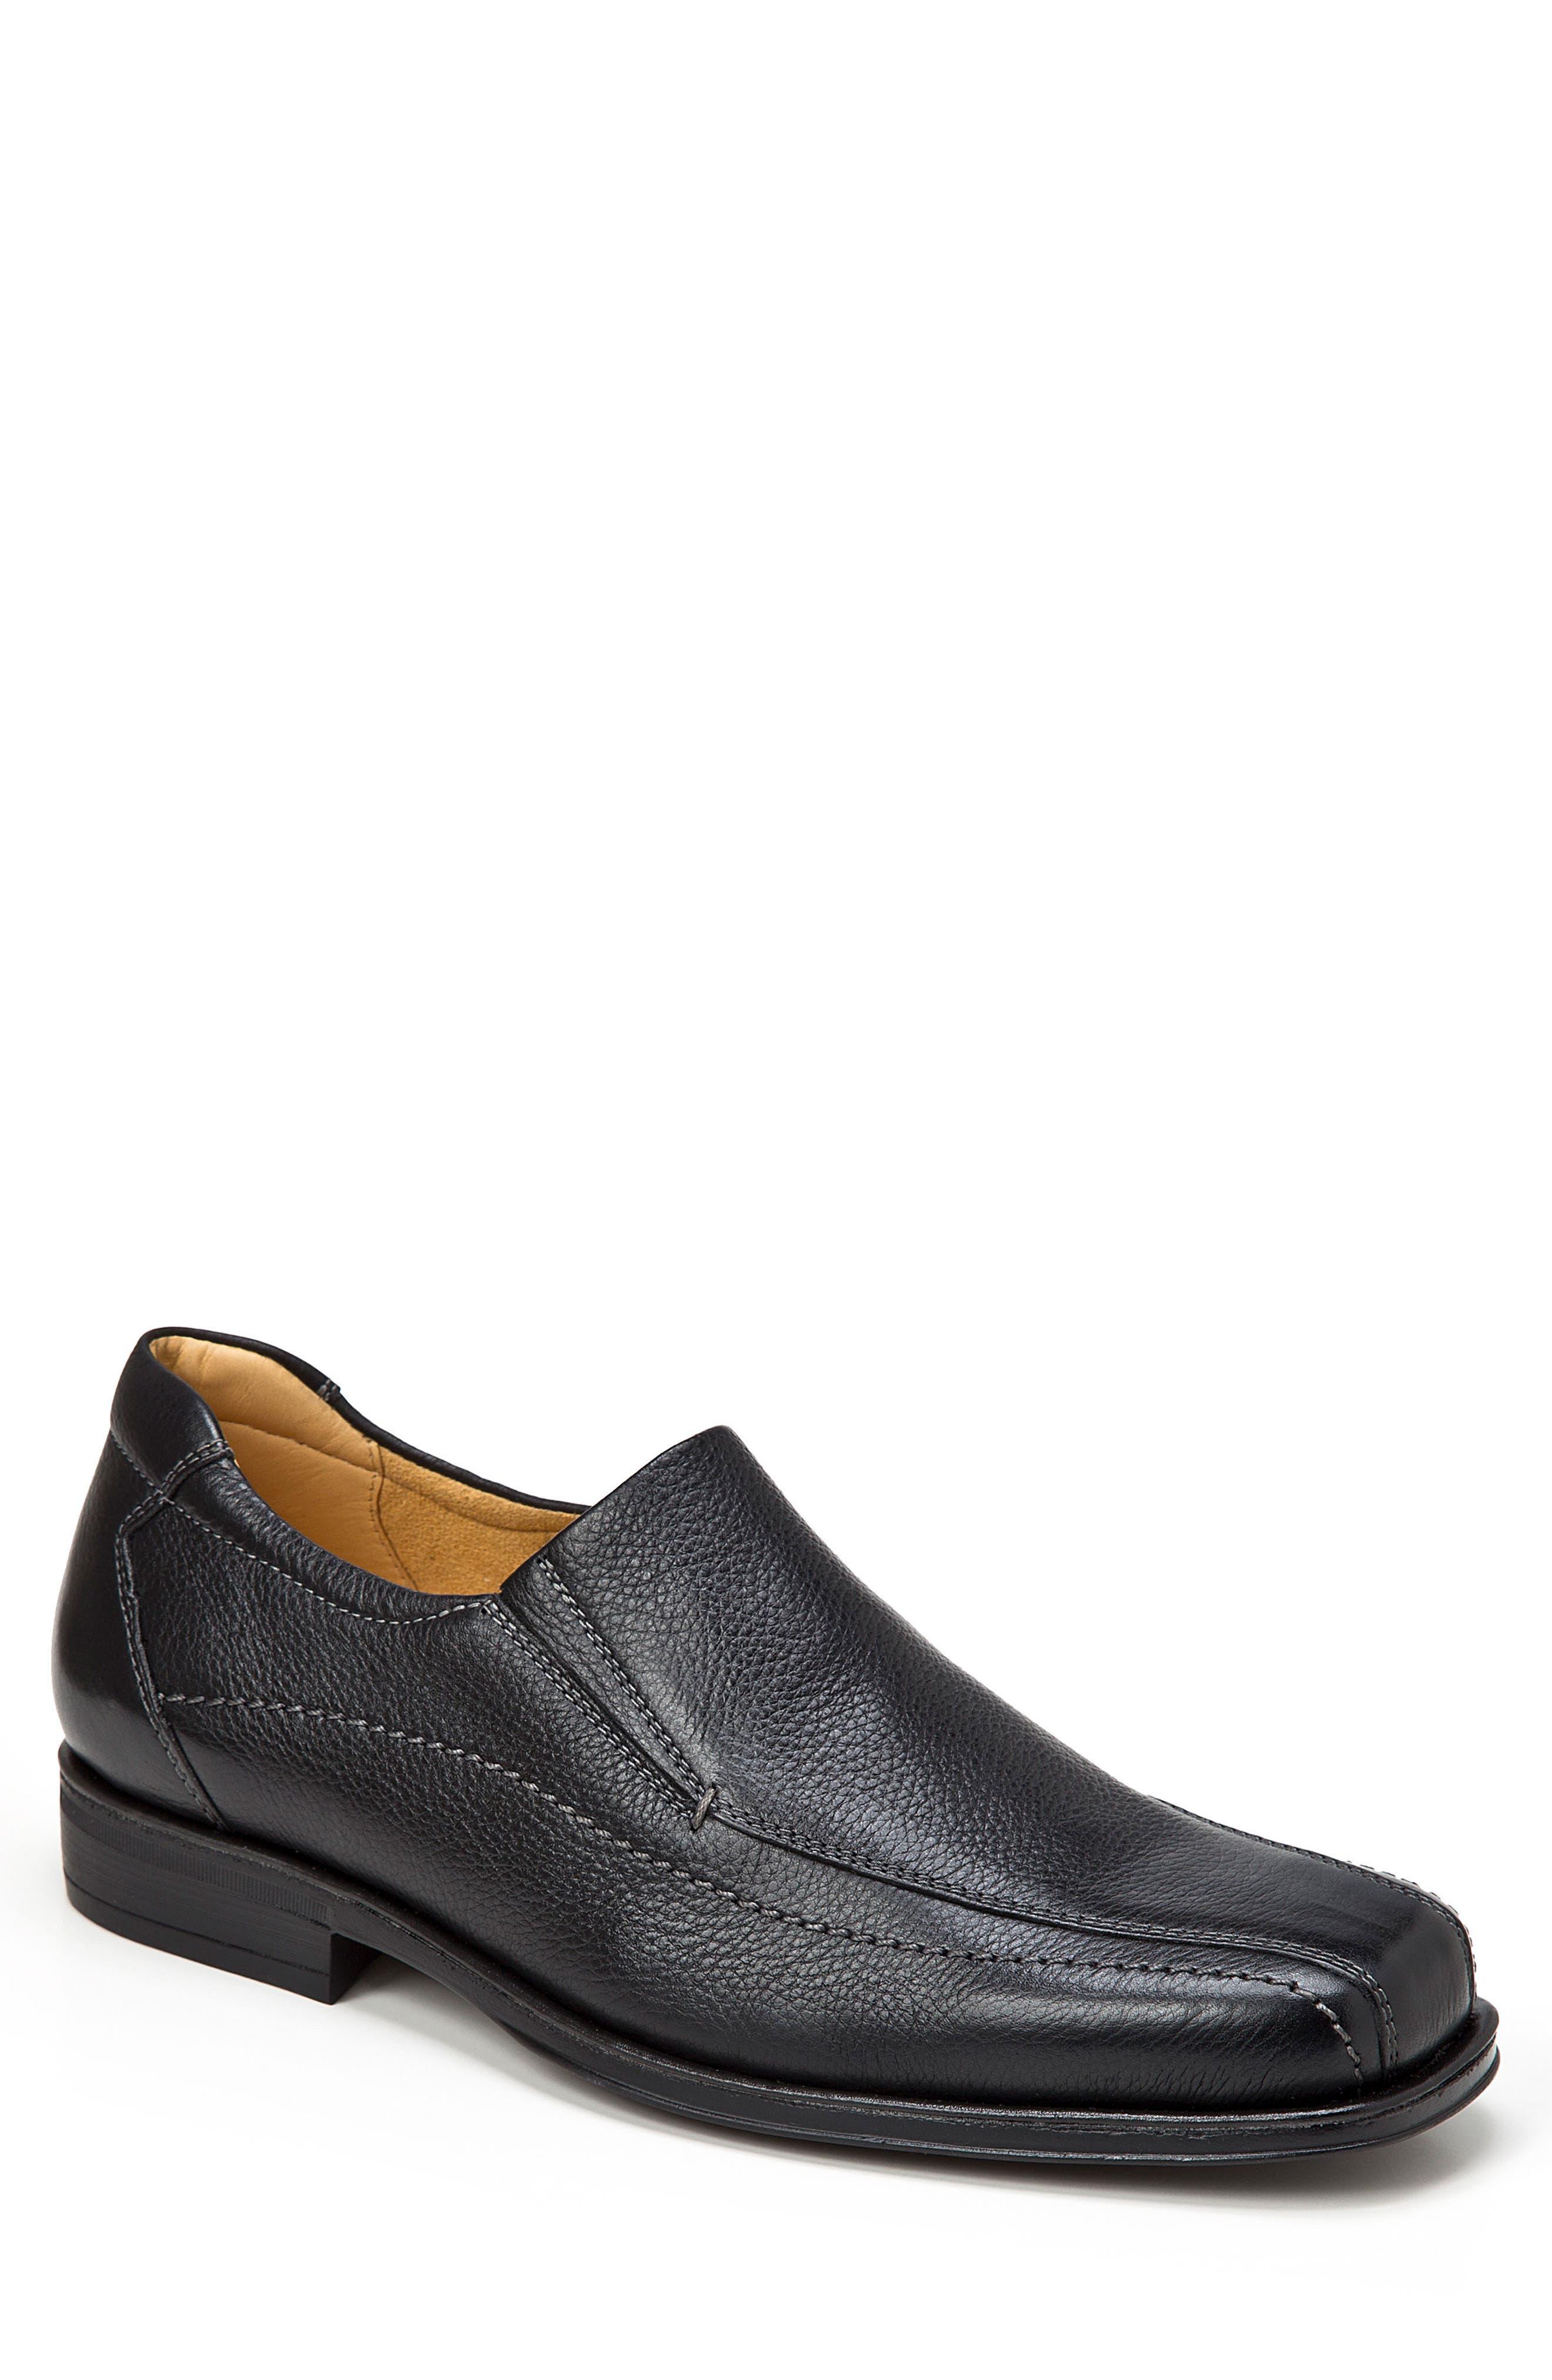 Elgin Venetian Loafer,                         Main,                         color, 001